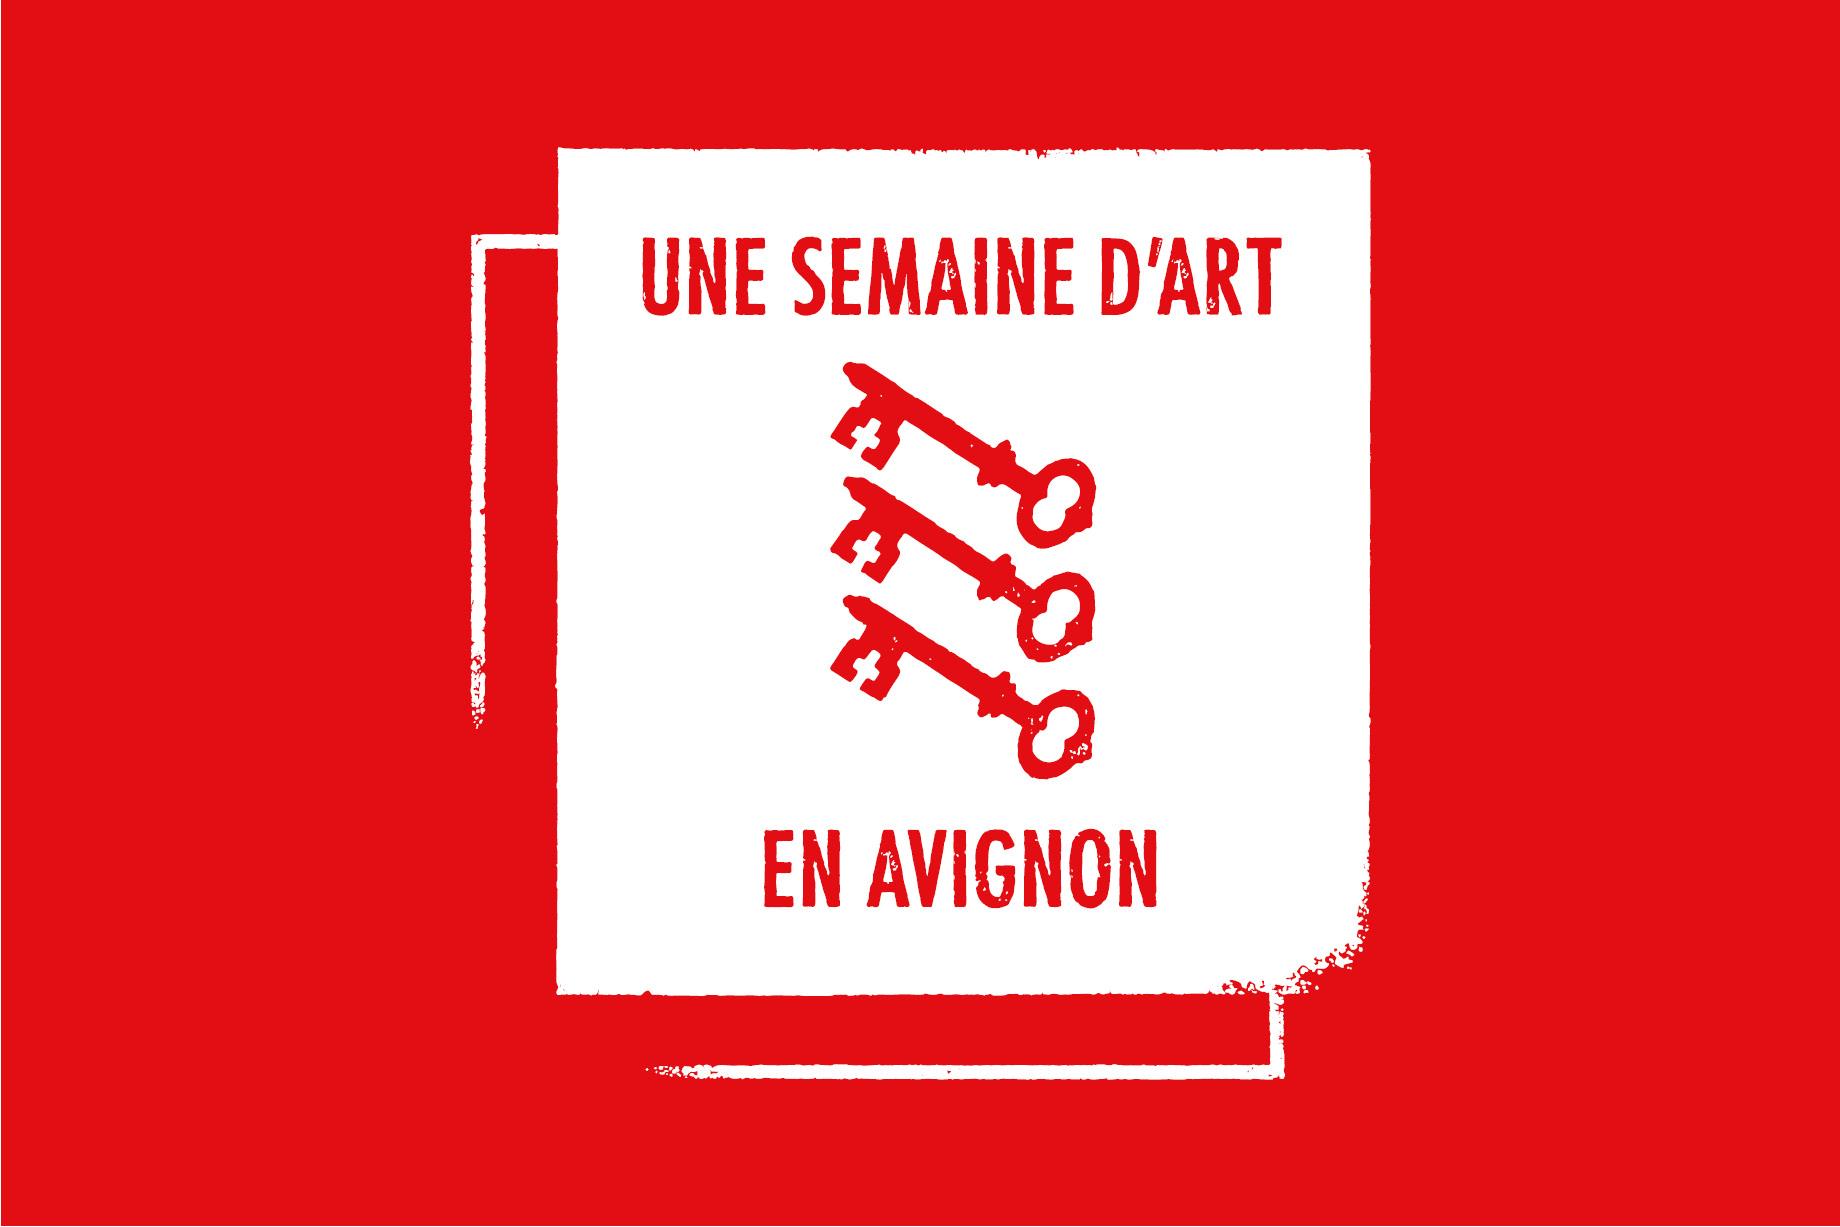 Archivé: UNE SEMAINE D'ART EN AVIGNON